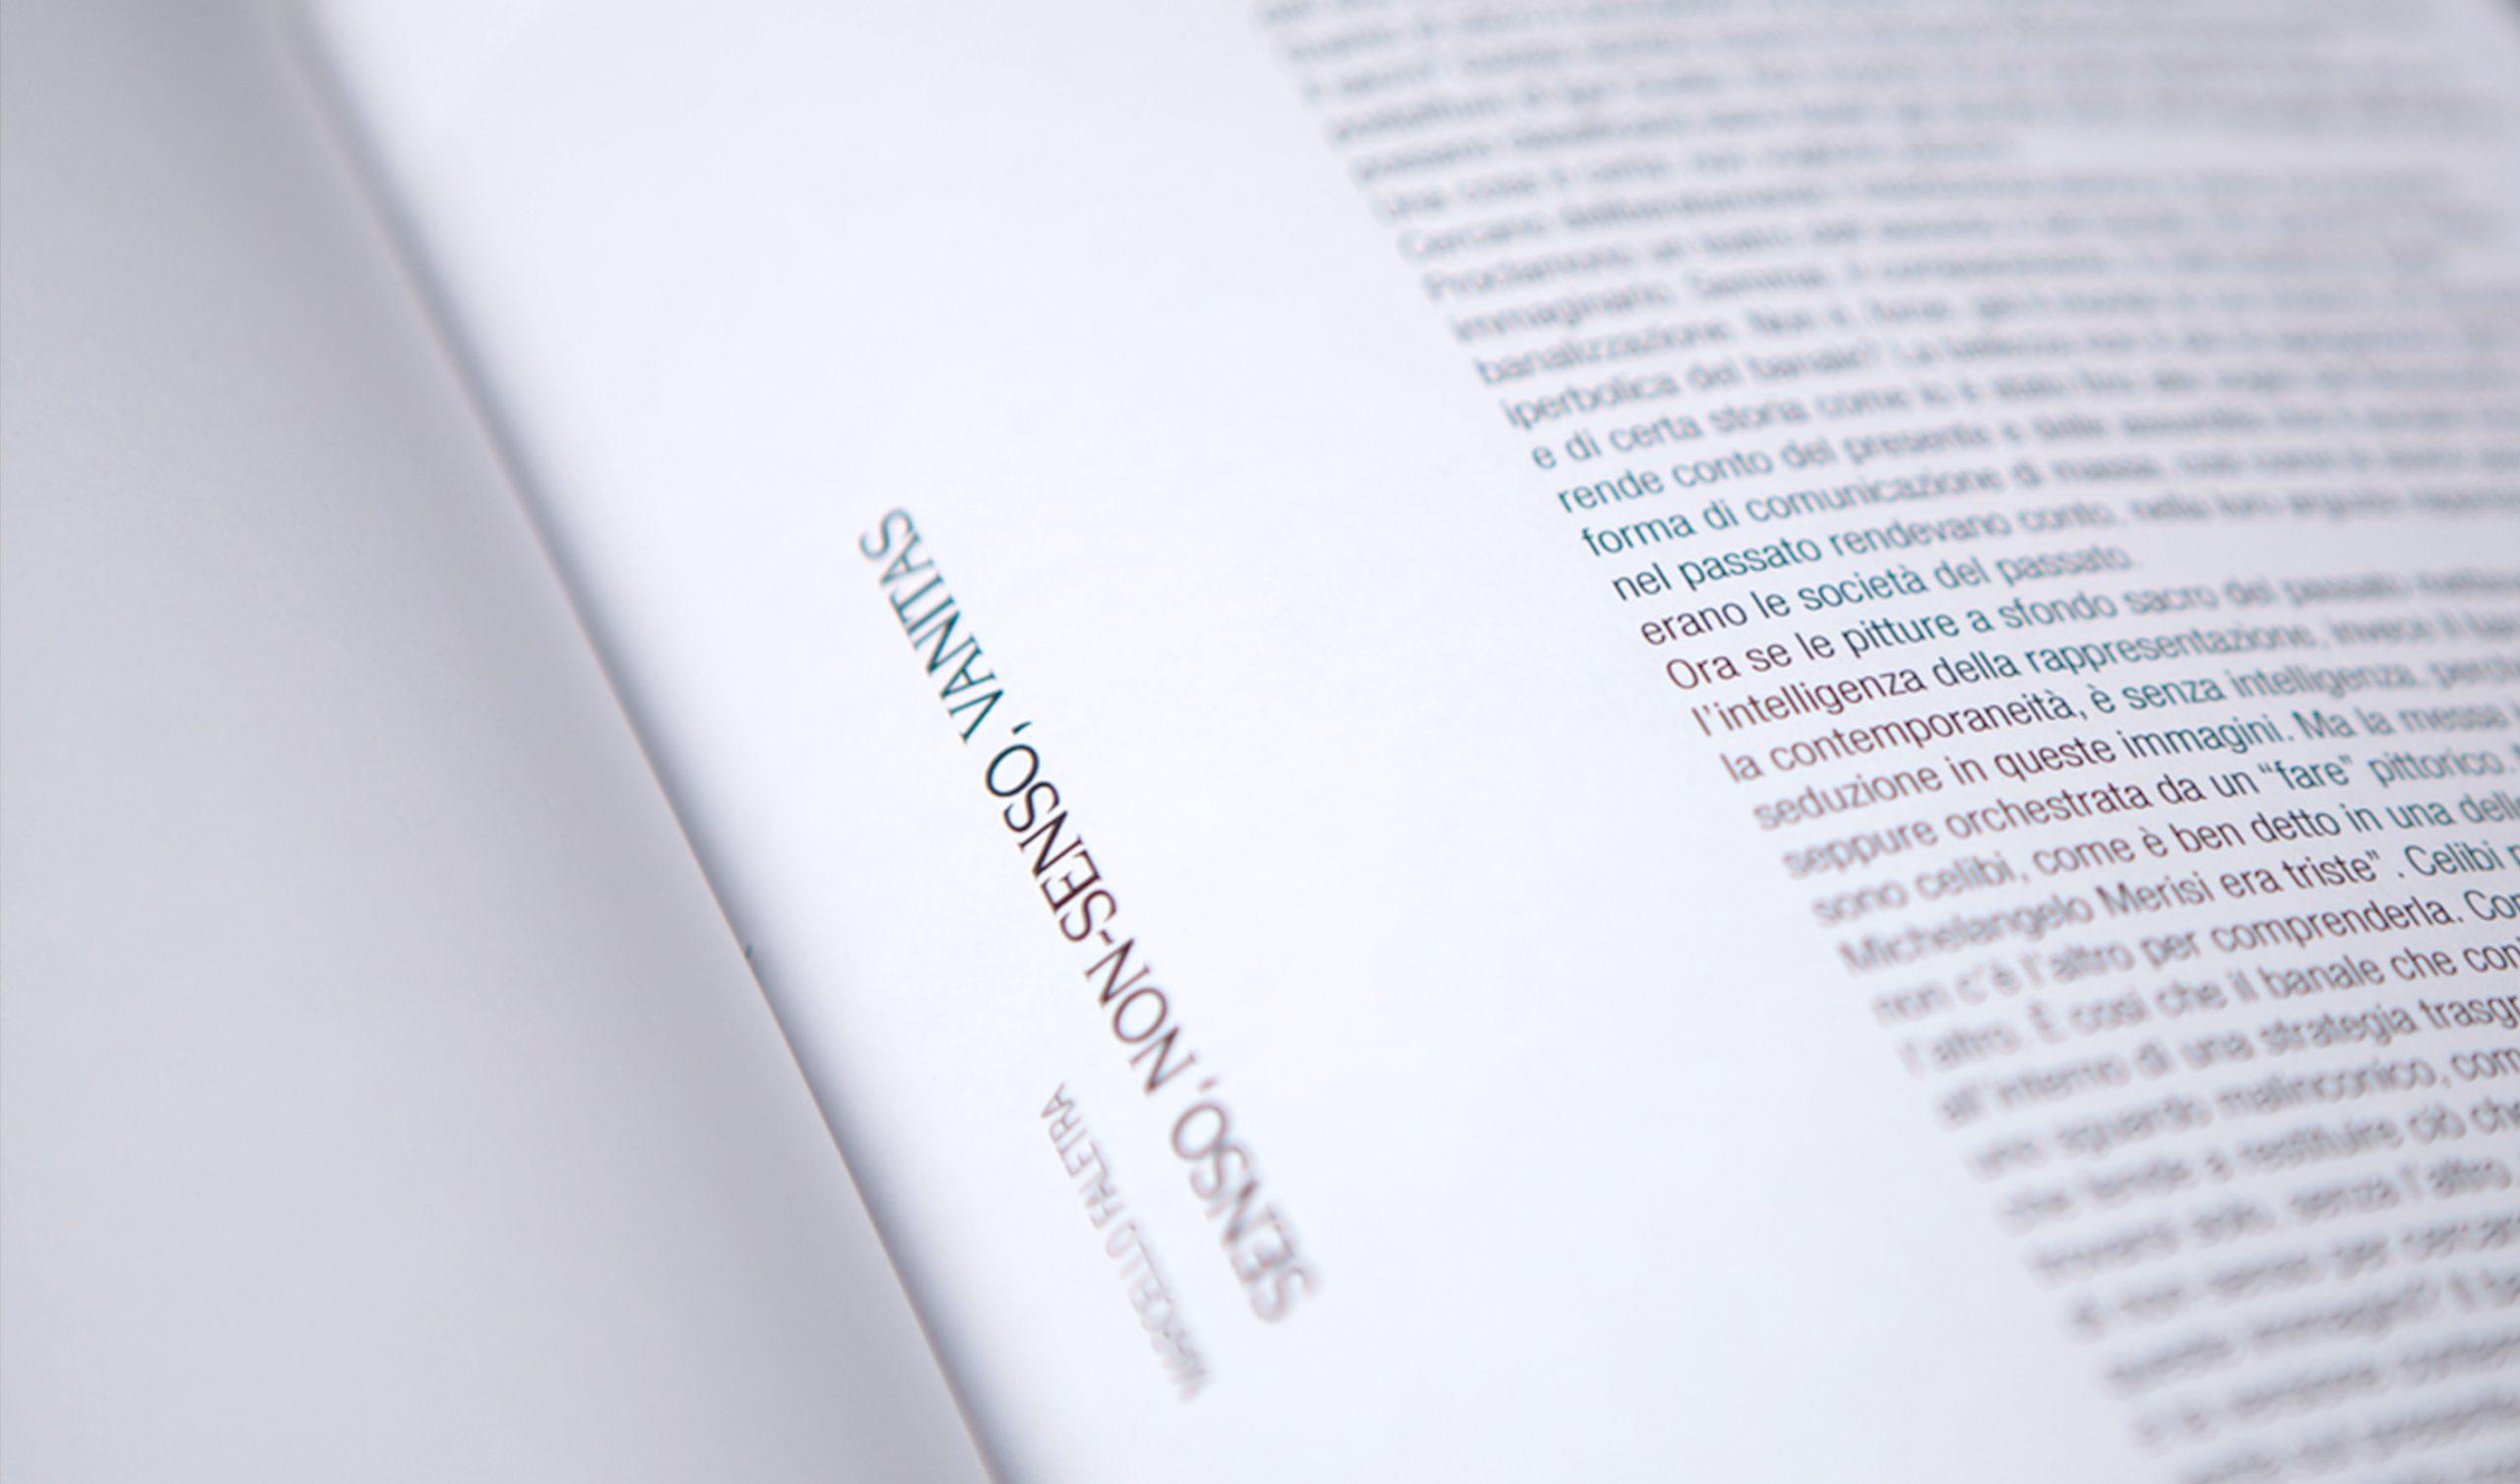 Testi di critica impaginati su catalogo